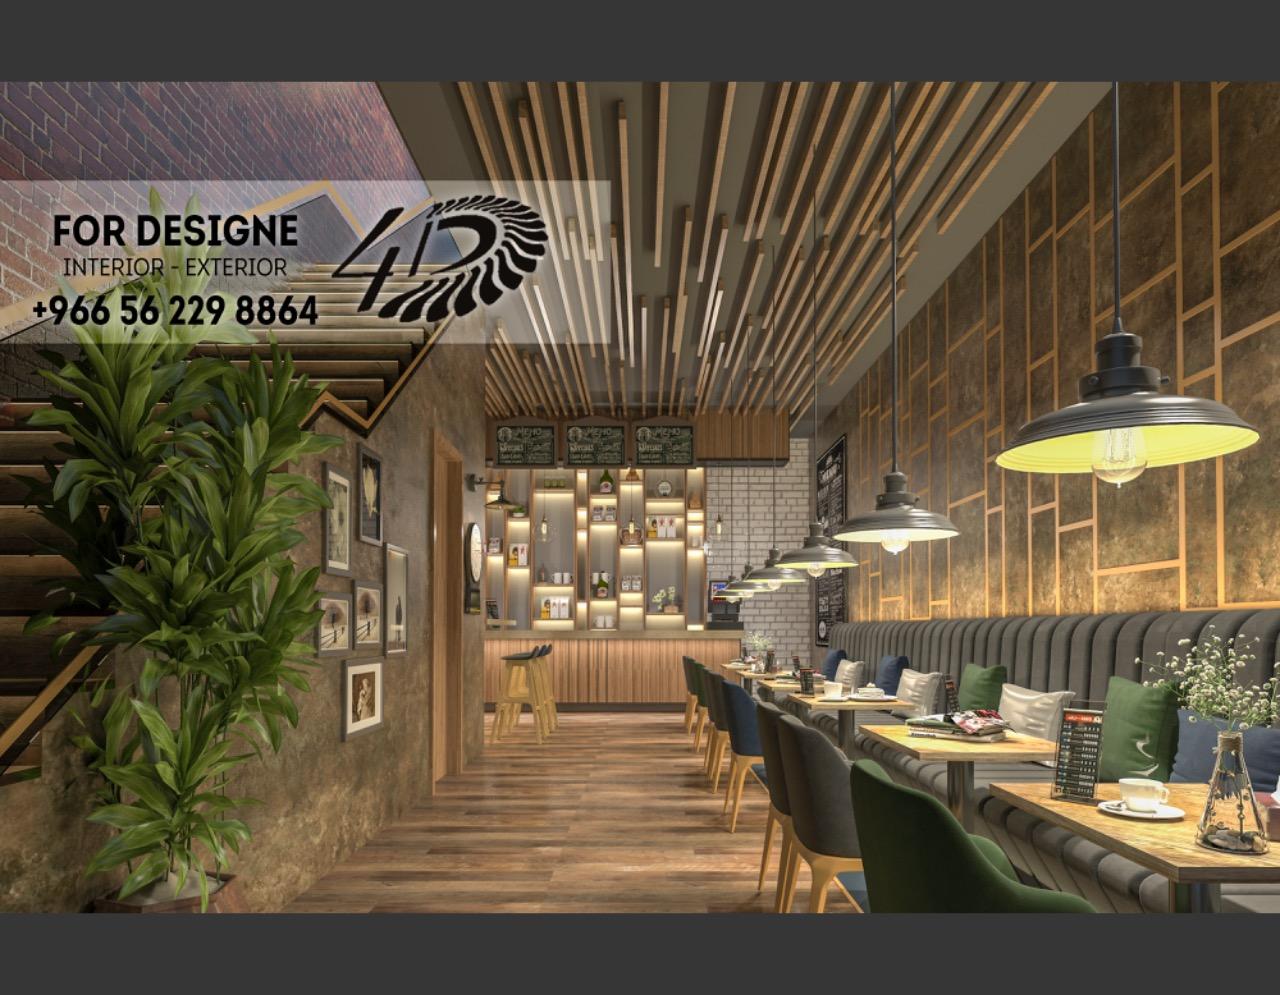 Tمصمم مطاعم بالرياض 0562298864 مصمم p_15627z5u25.jpg